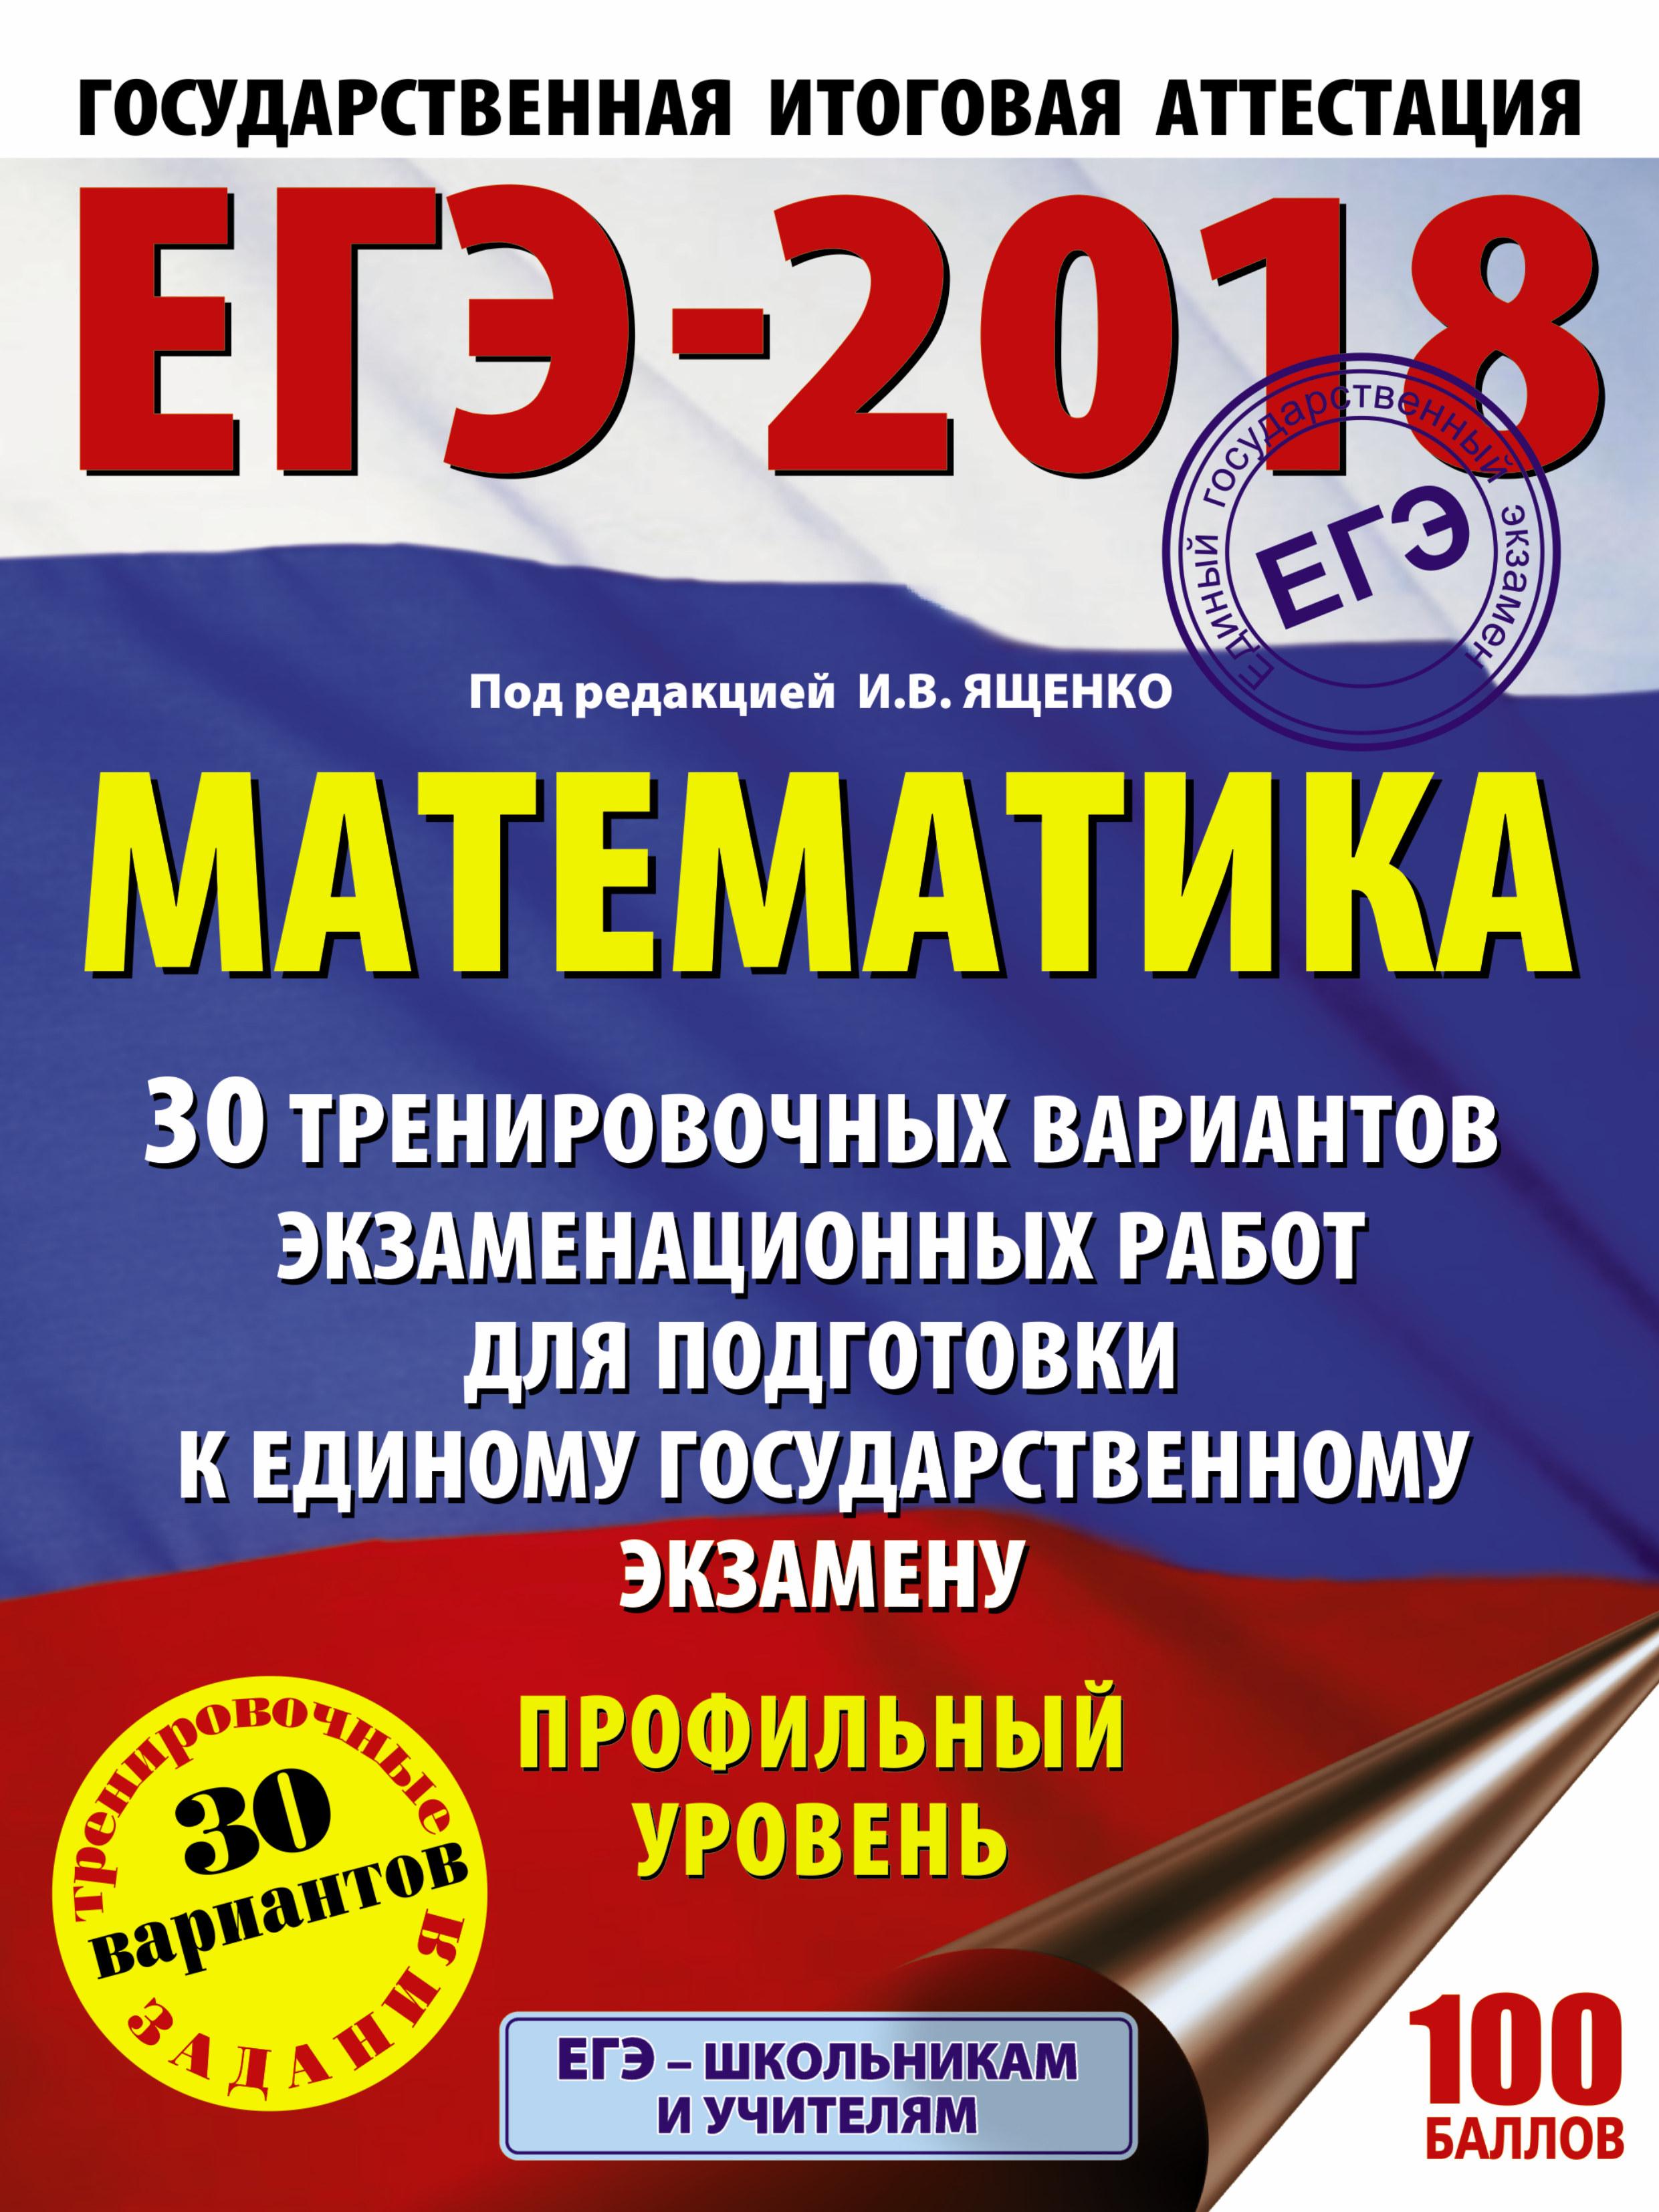 ЕГЭ-2018. Математика (60х84/8) 30 тренировочных вариантов экзаменационных работ для подготовки к единому государственному экзамену. Профильный уровень